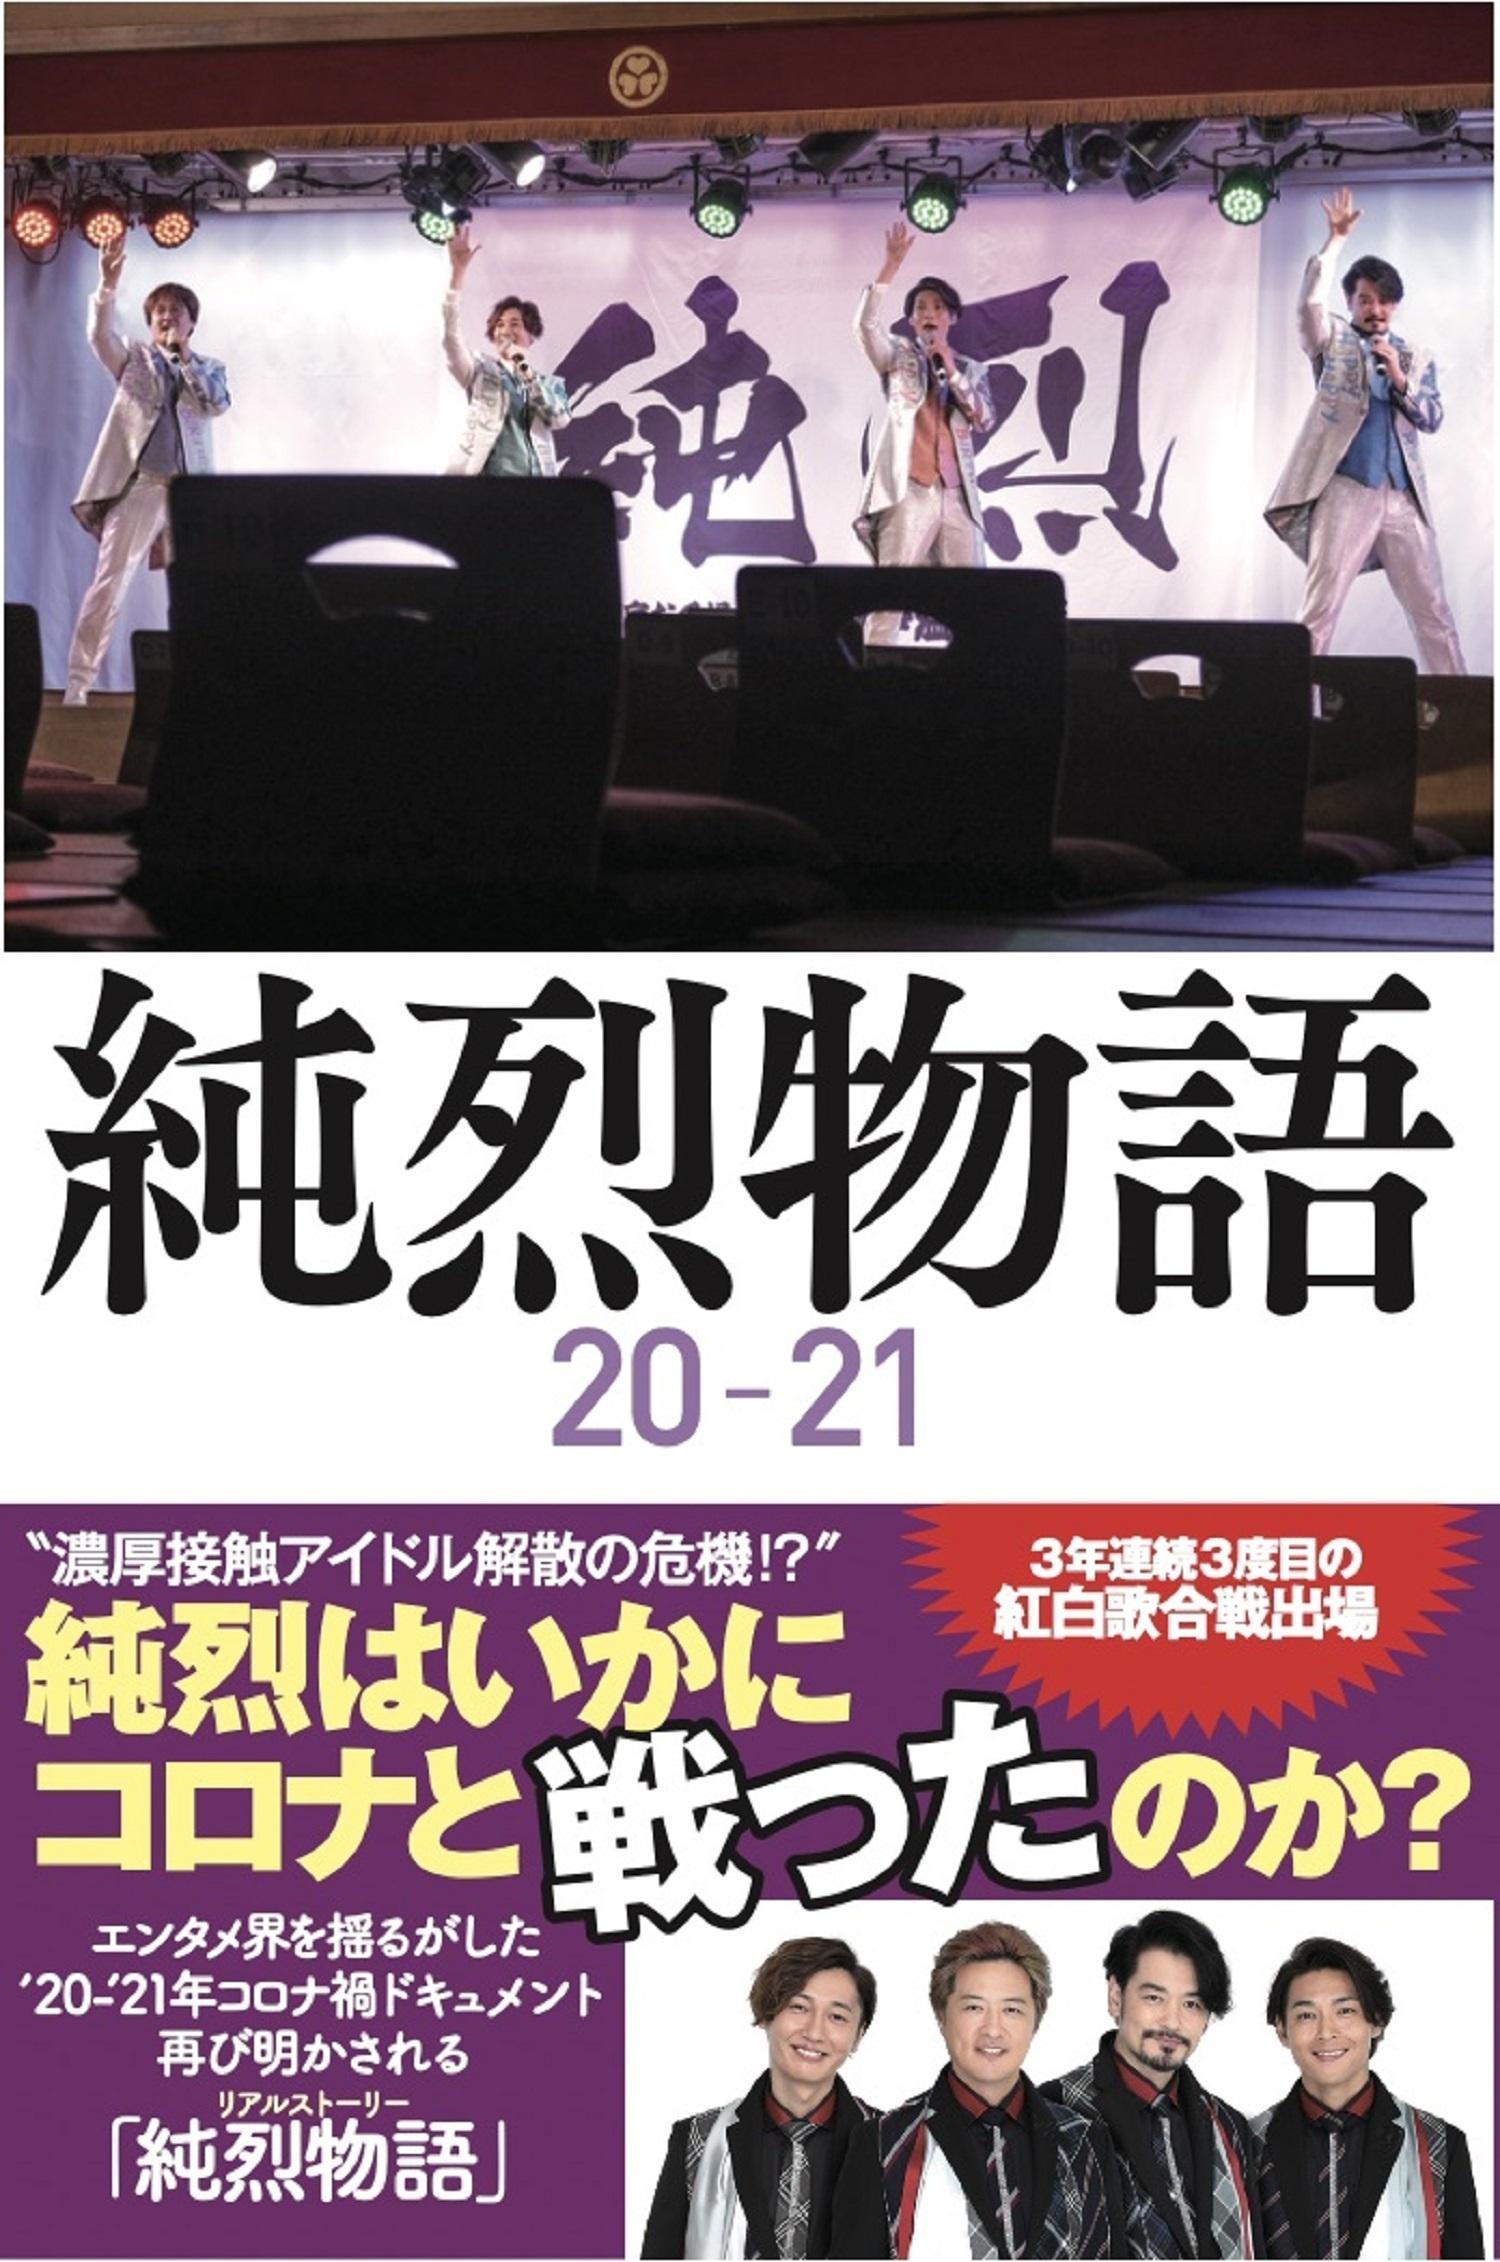 『純烈物語 20-21』発売記念 特典会